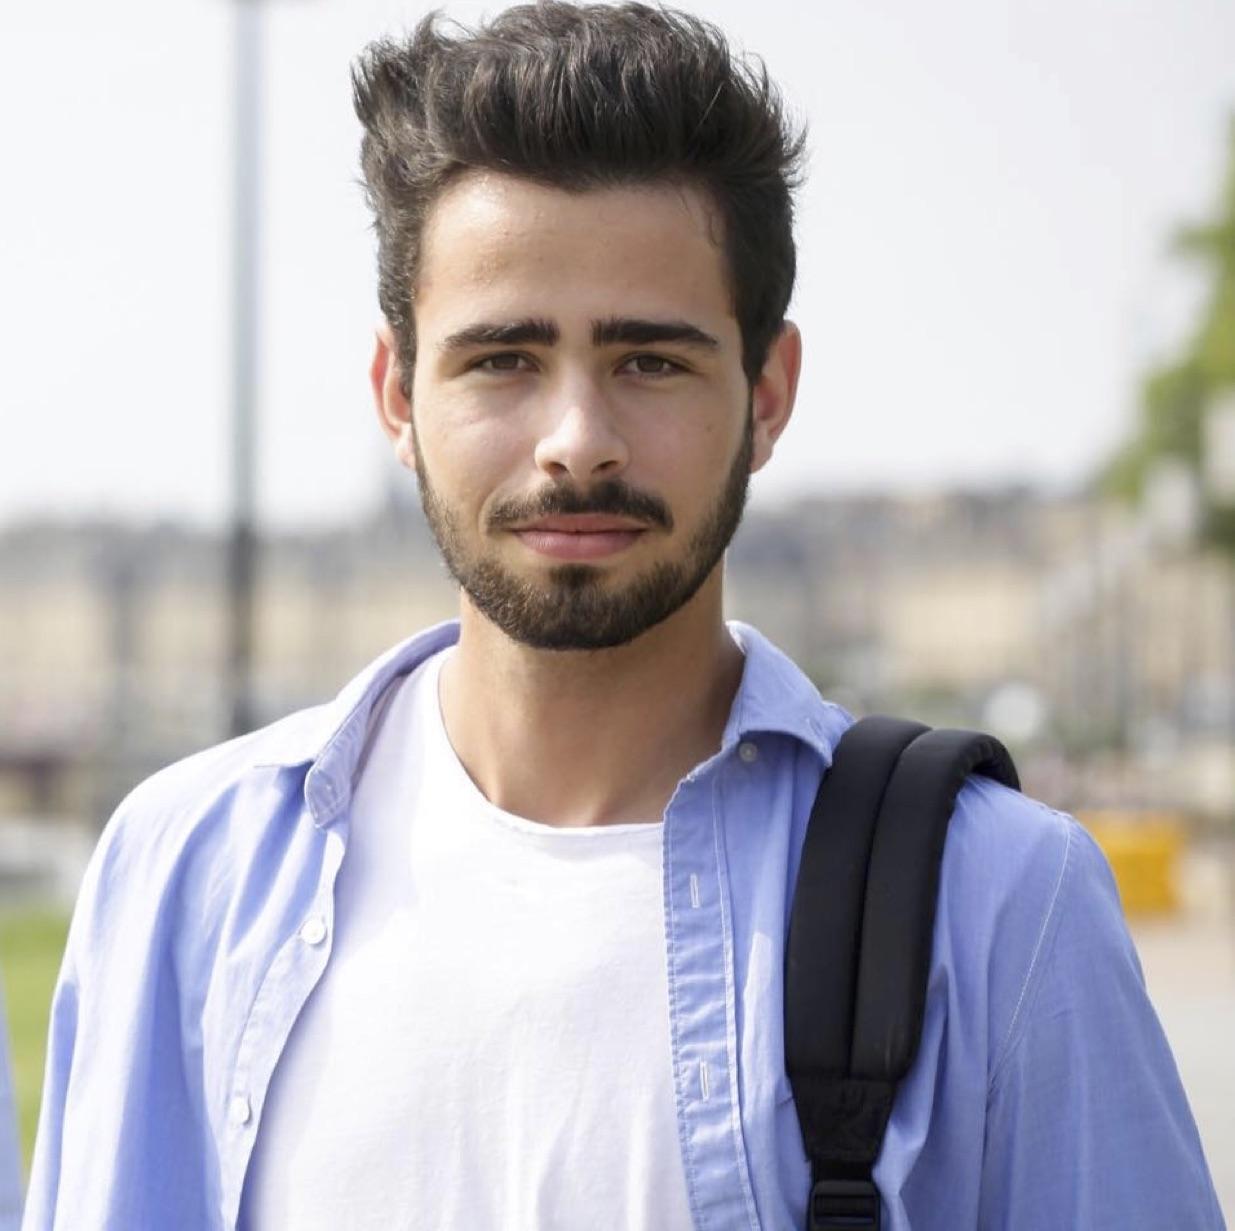 Clément - étudiant en 3e année d'école de journalisme à Bordeaux